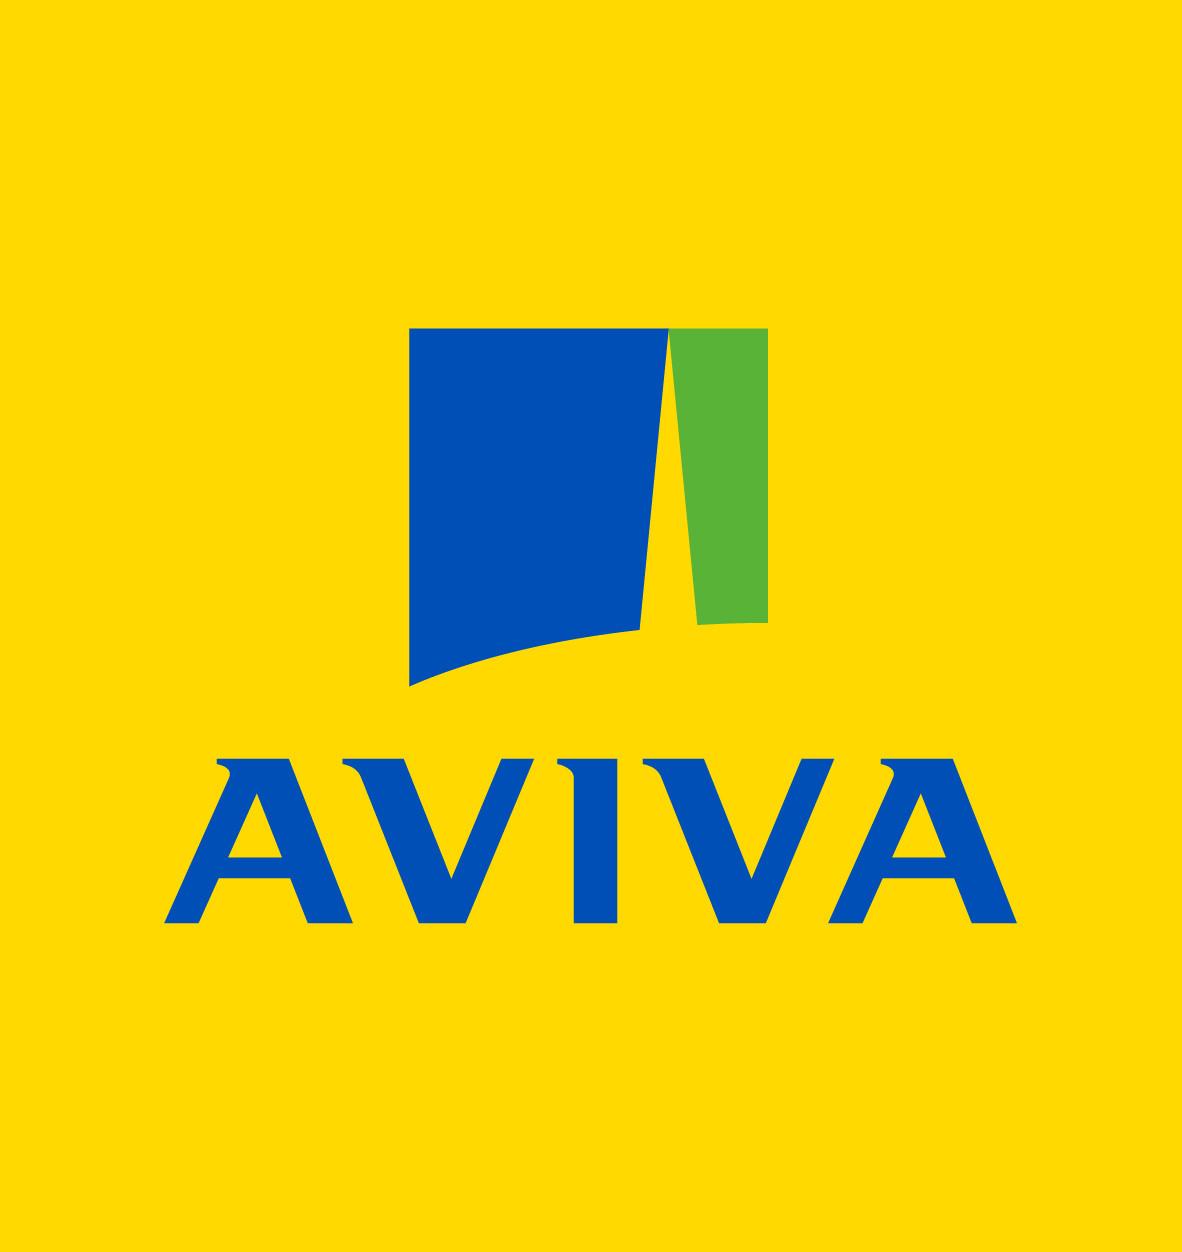 Aviva and The Home Insurer - Thatch Home Insurance